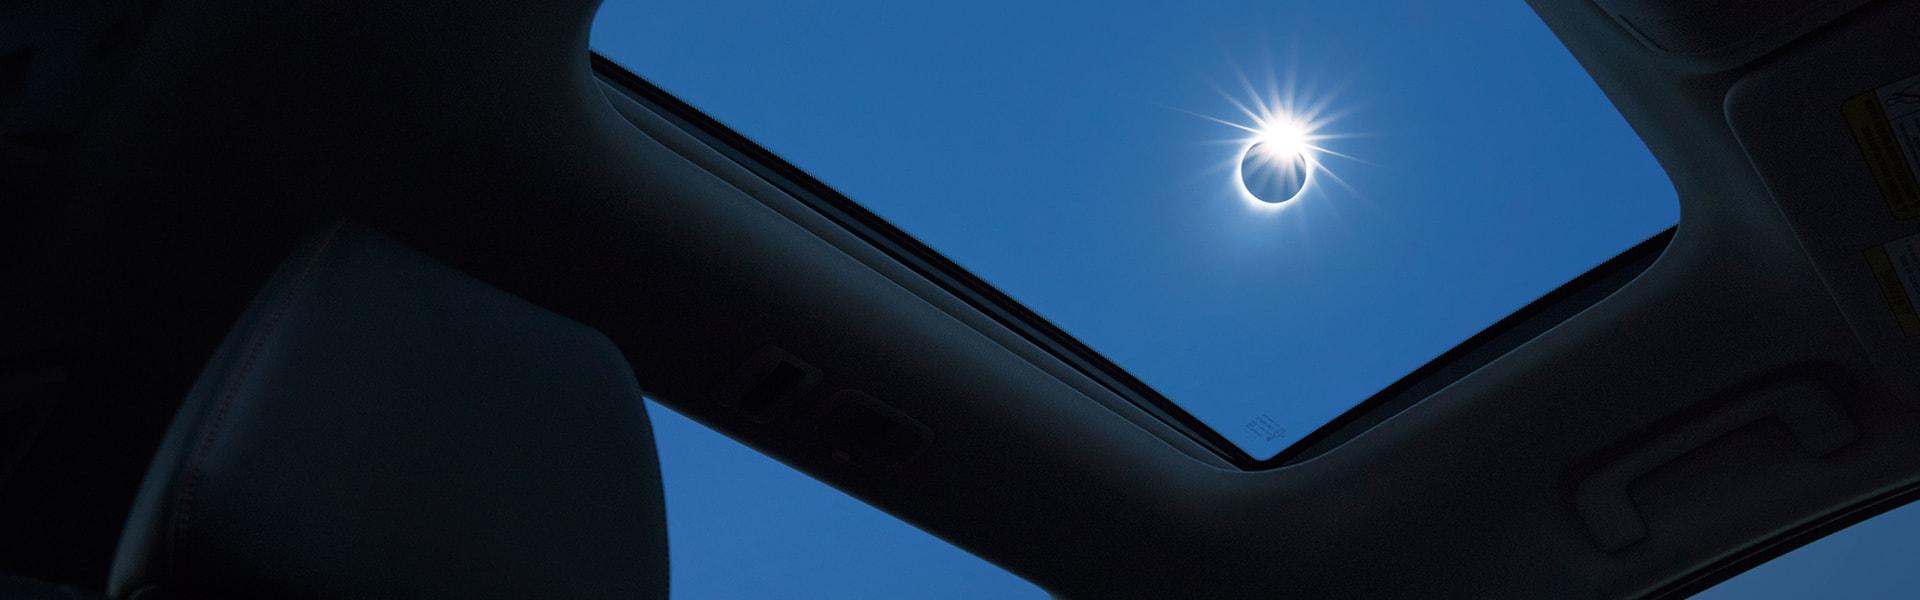 MMNA-EclipseCross-Red-Int-PanoSunroof-d.jpg